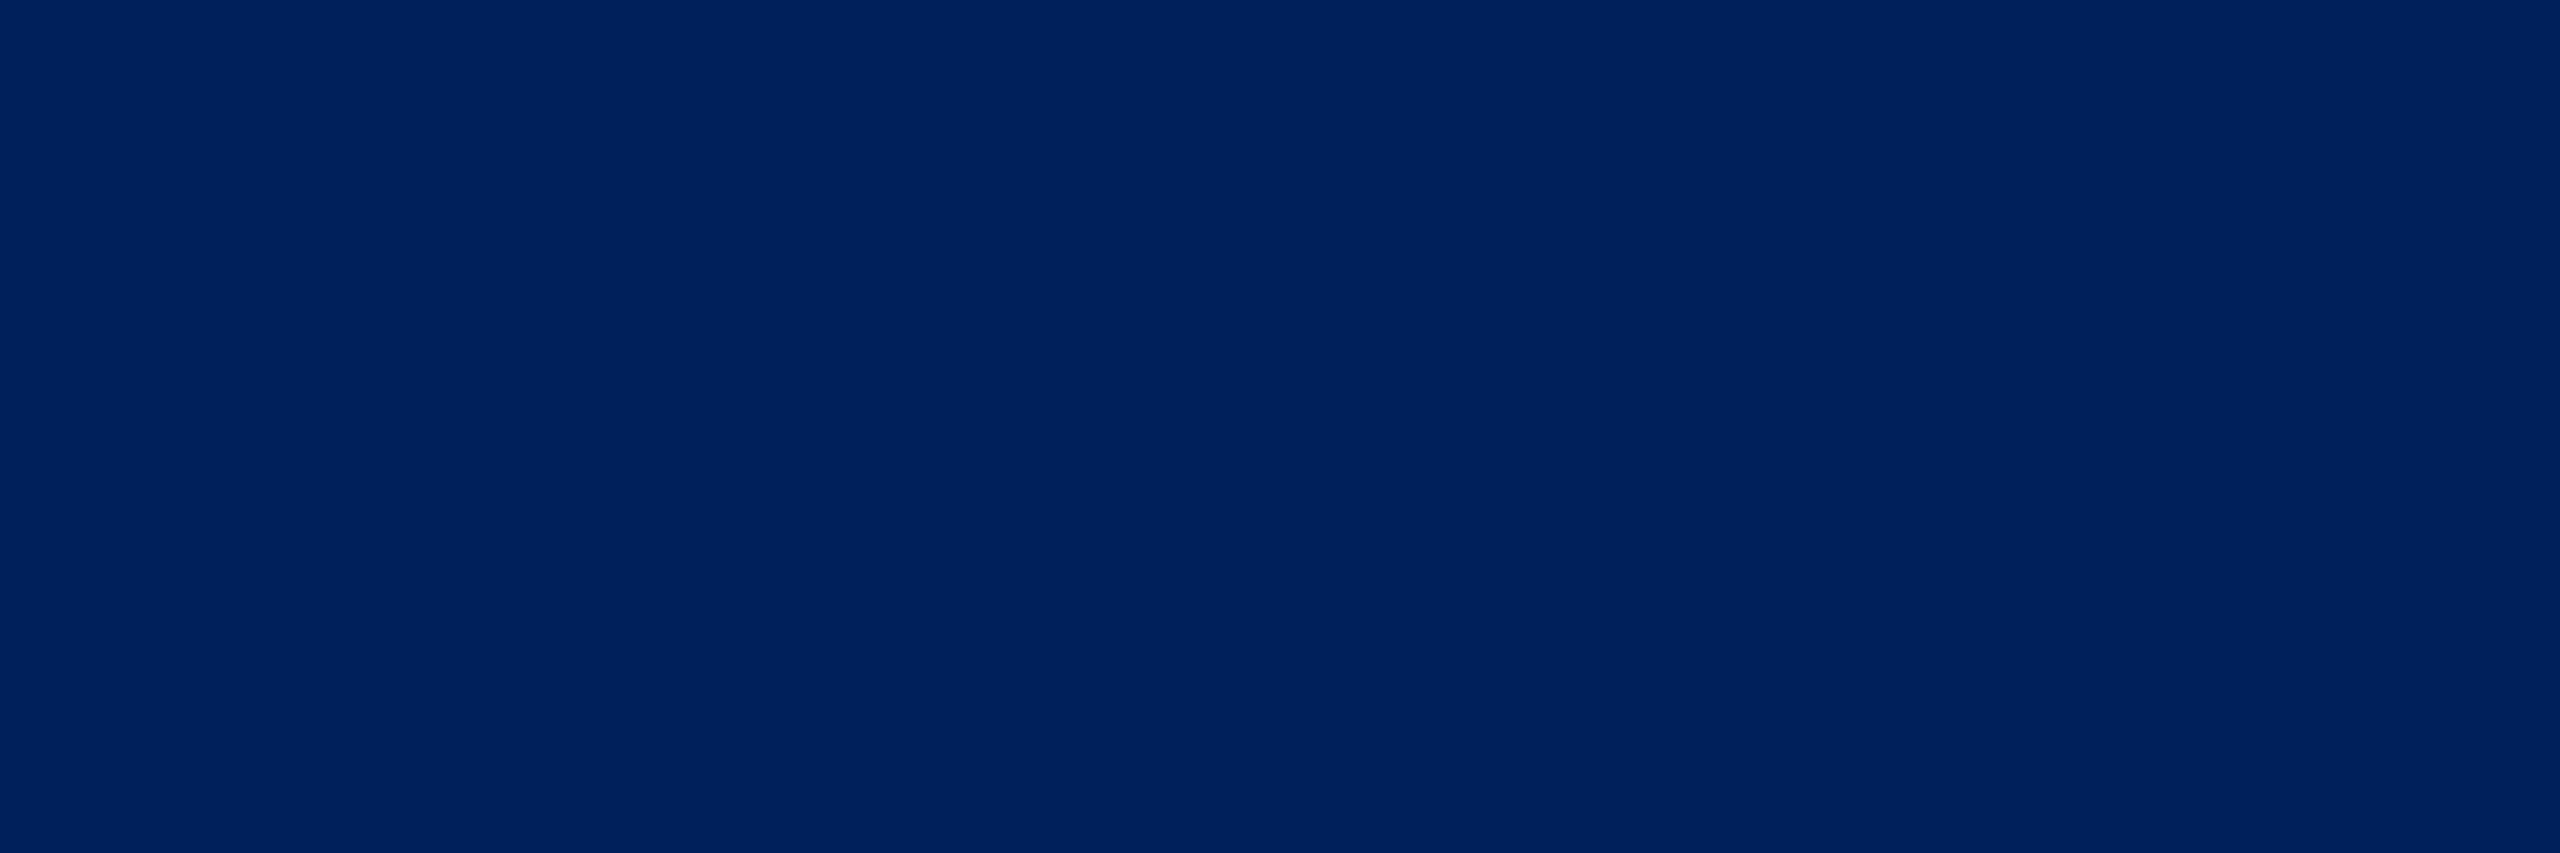 Dark blue solid background